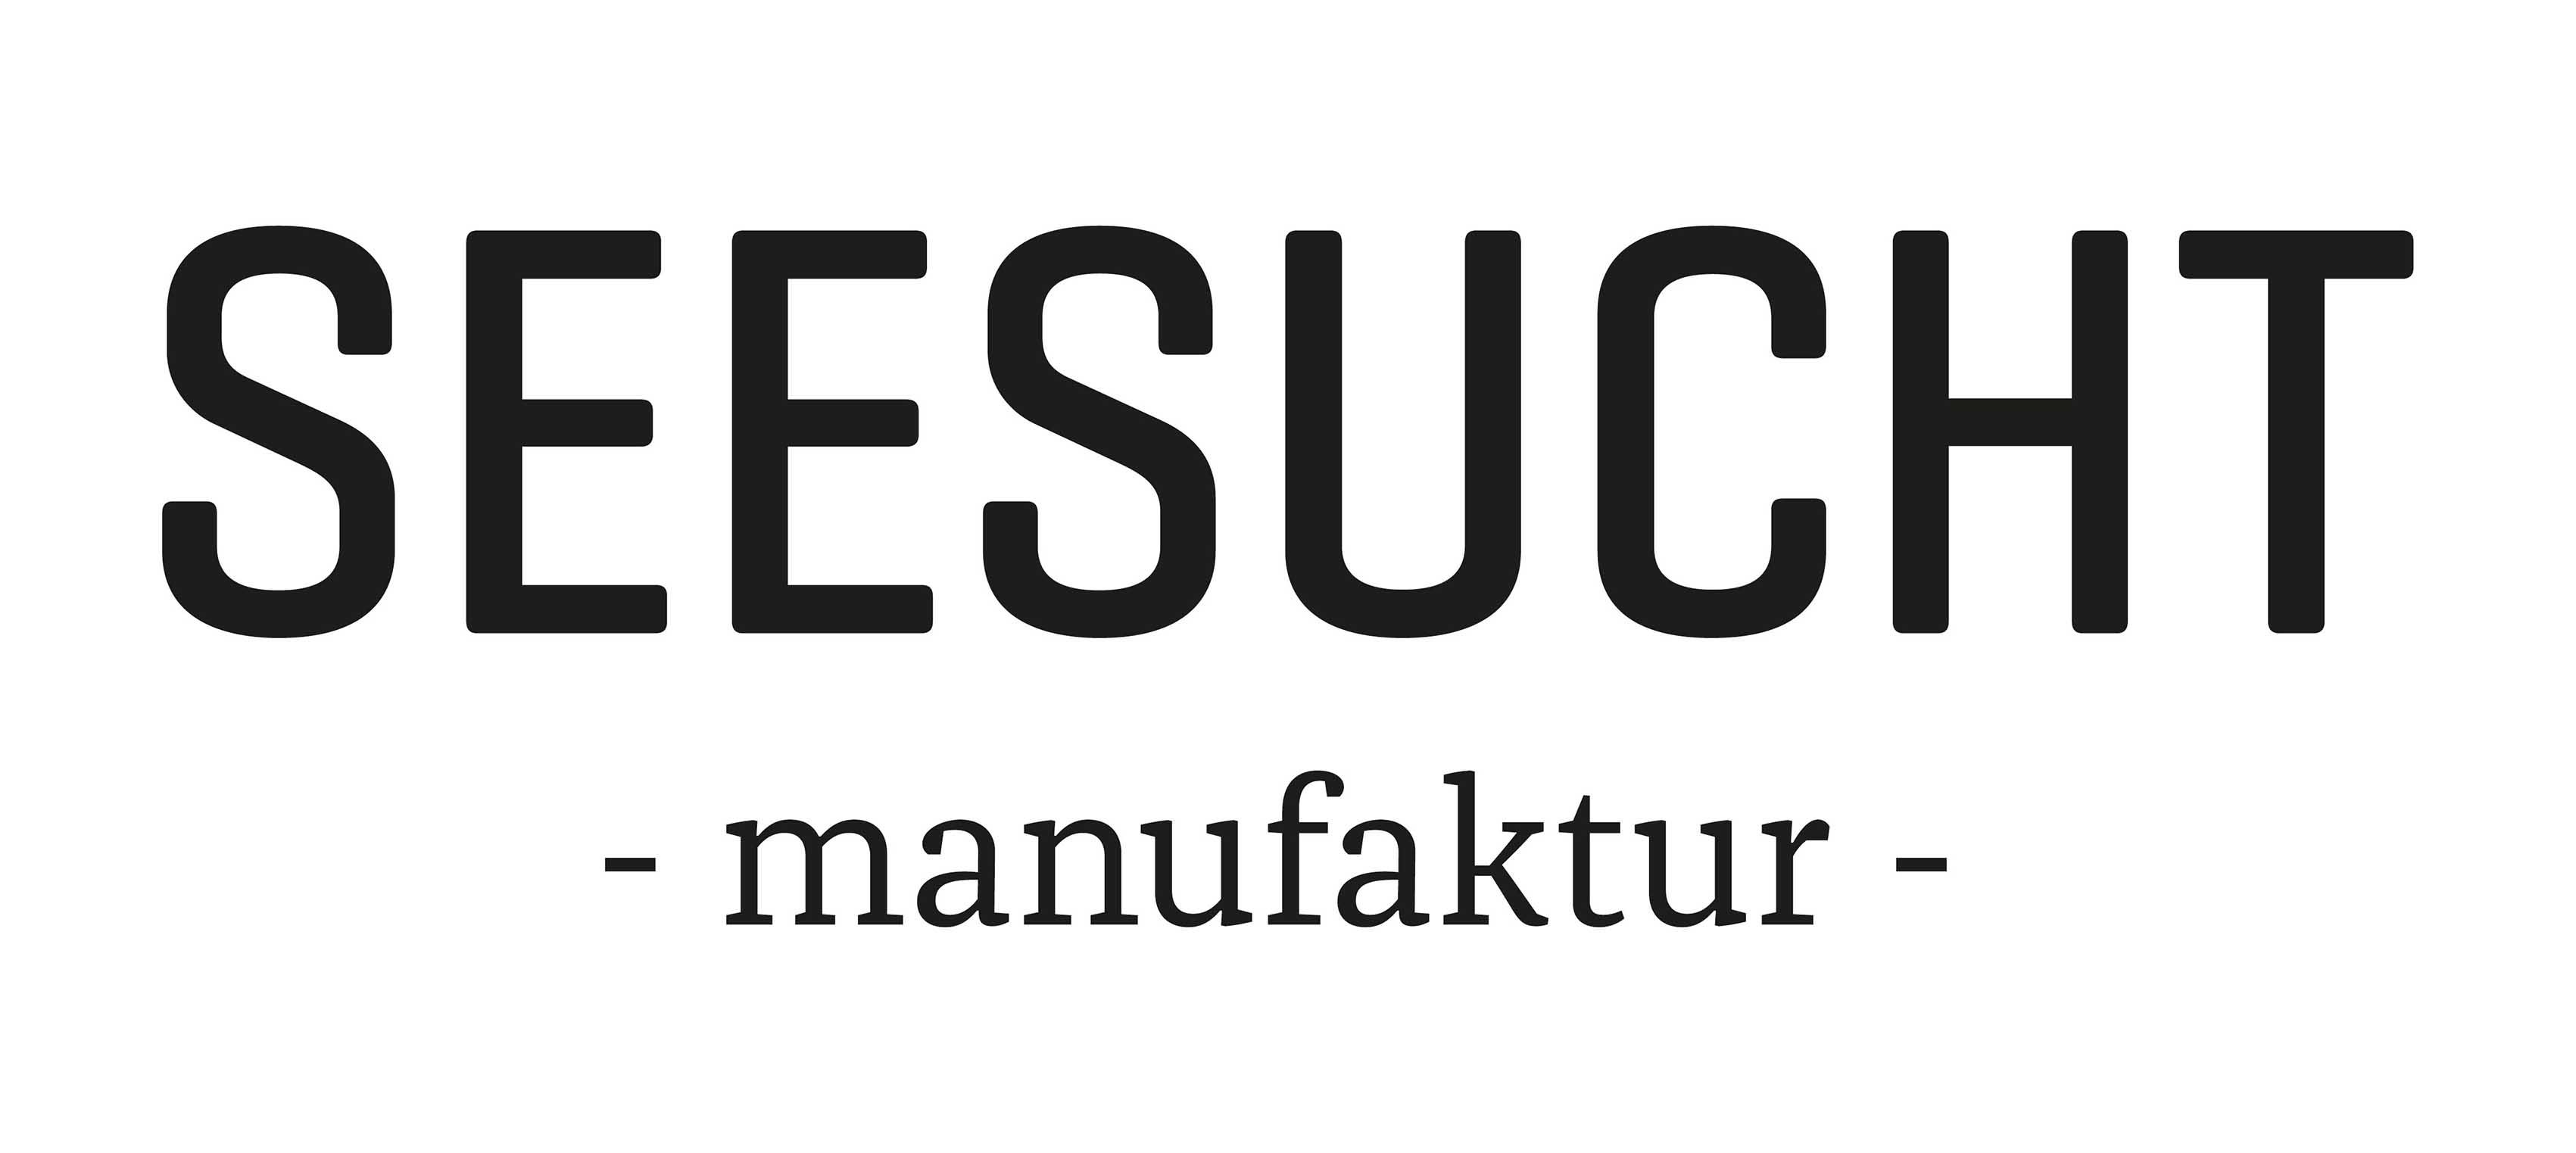 Seesucht Manufaktur